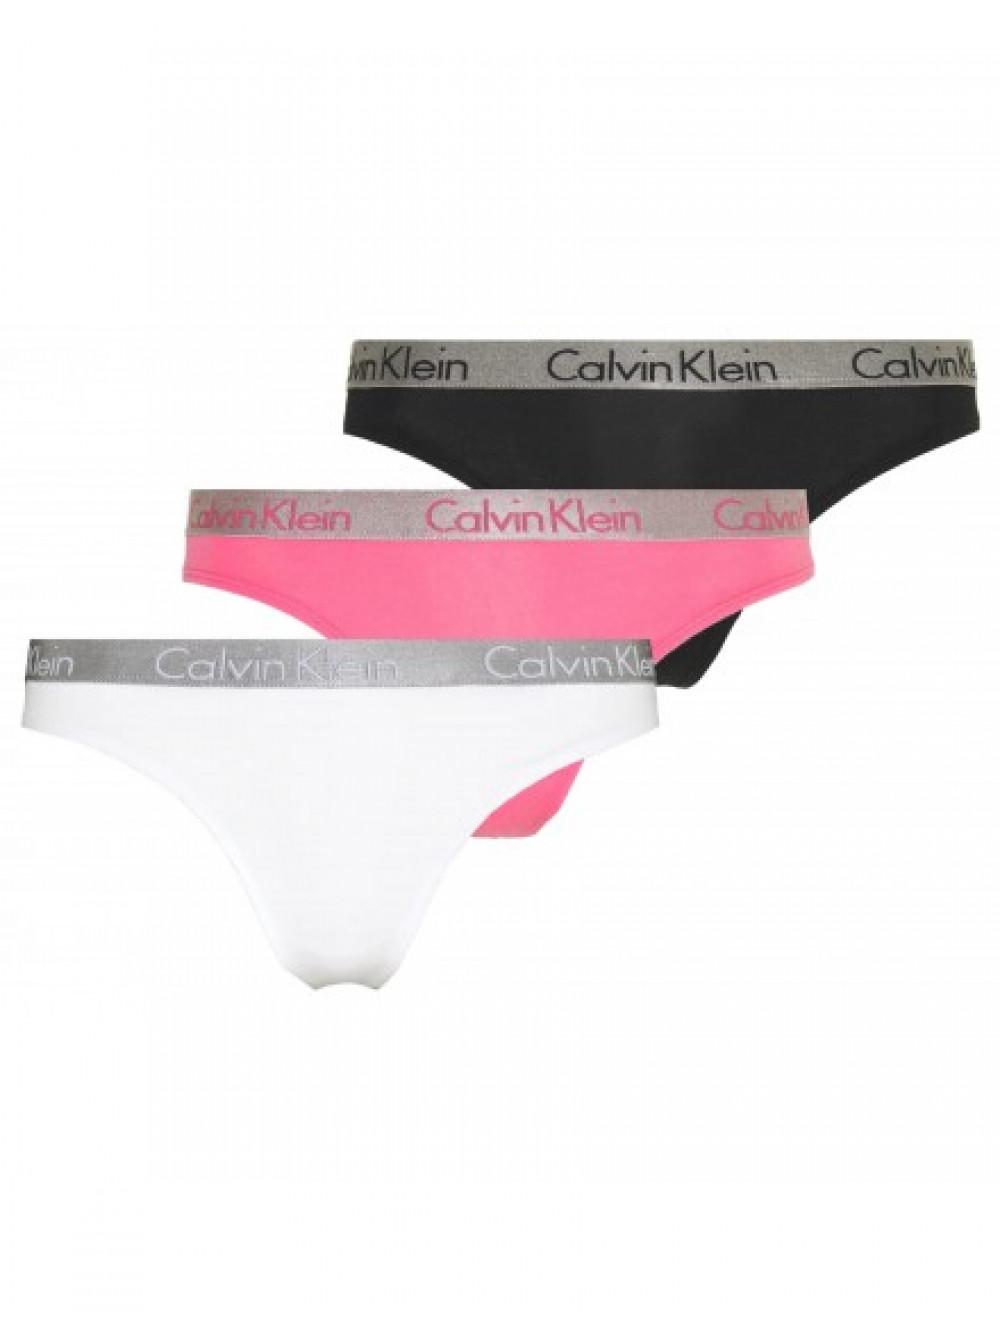 Női tanga alsóneműk Calvin Klein Radiant Cotton fekete, fehér, rózsaszín 3-pack